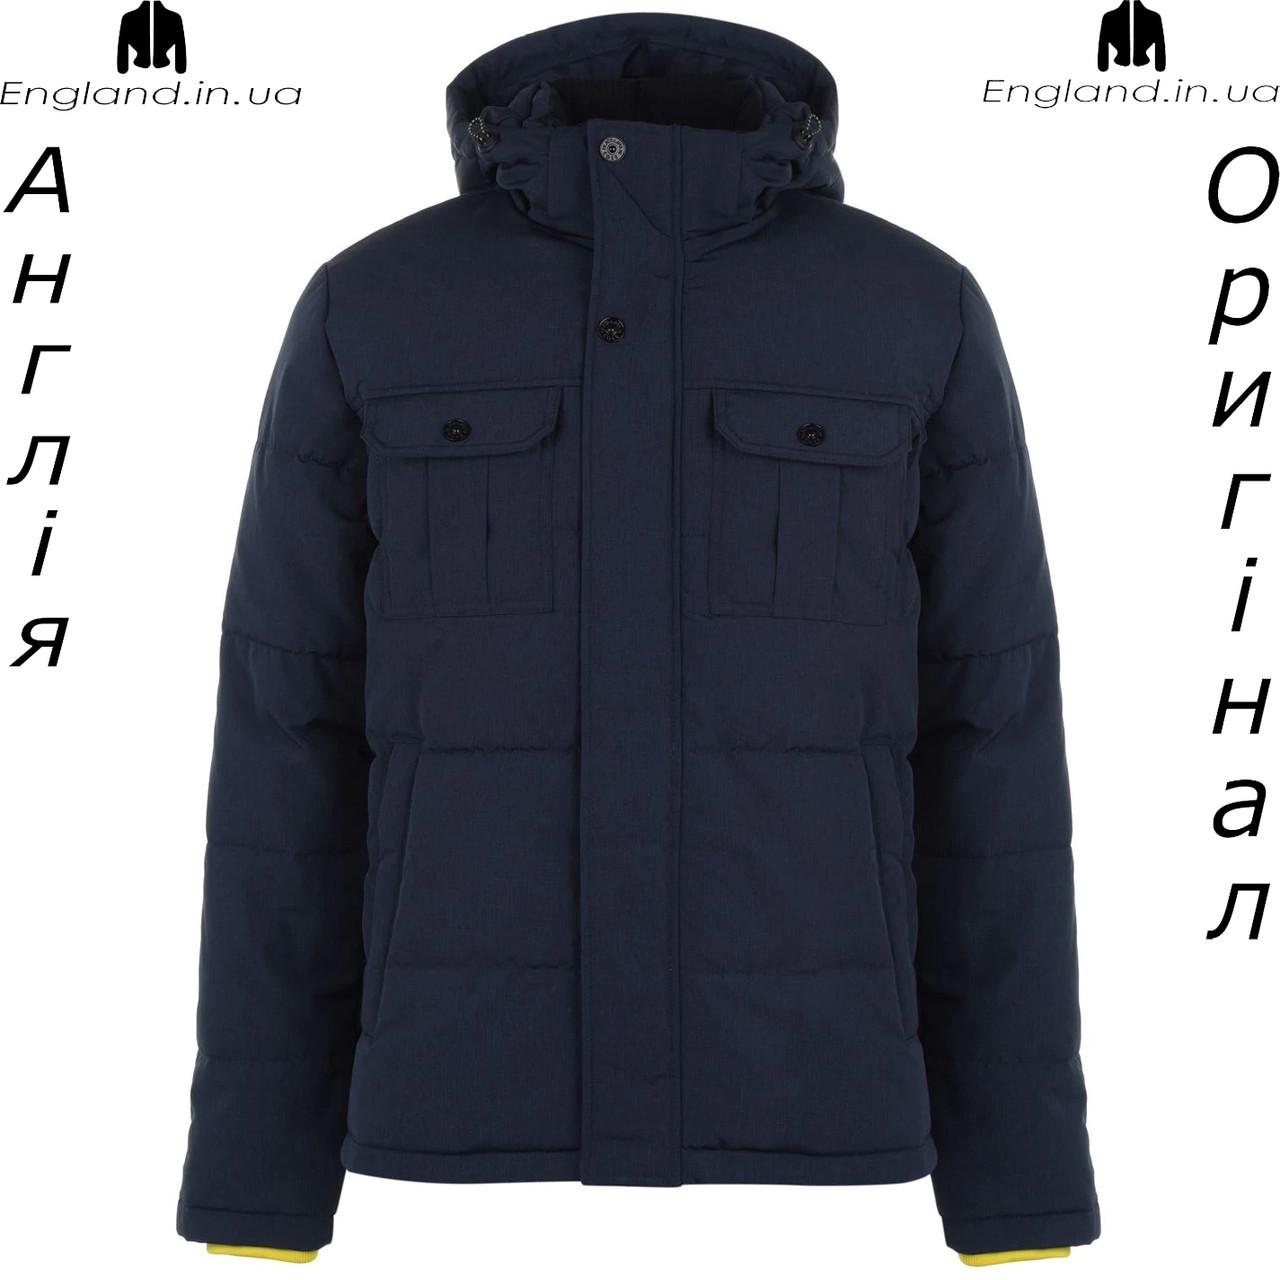 Куртка мужская Jack & Jones из Англии - весна/осень